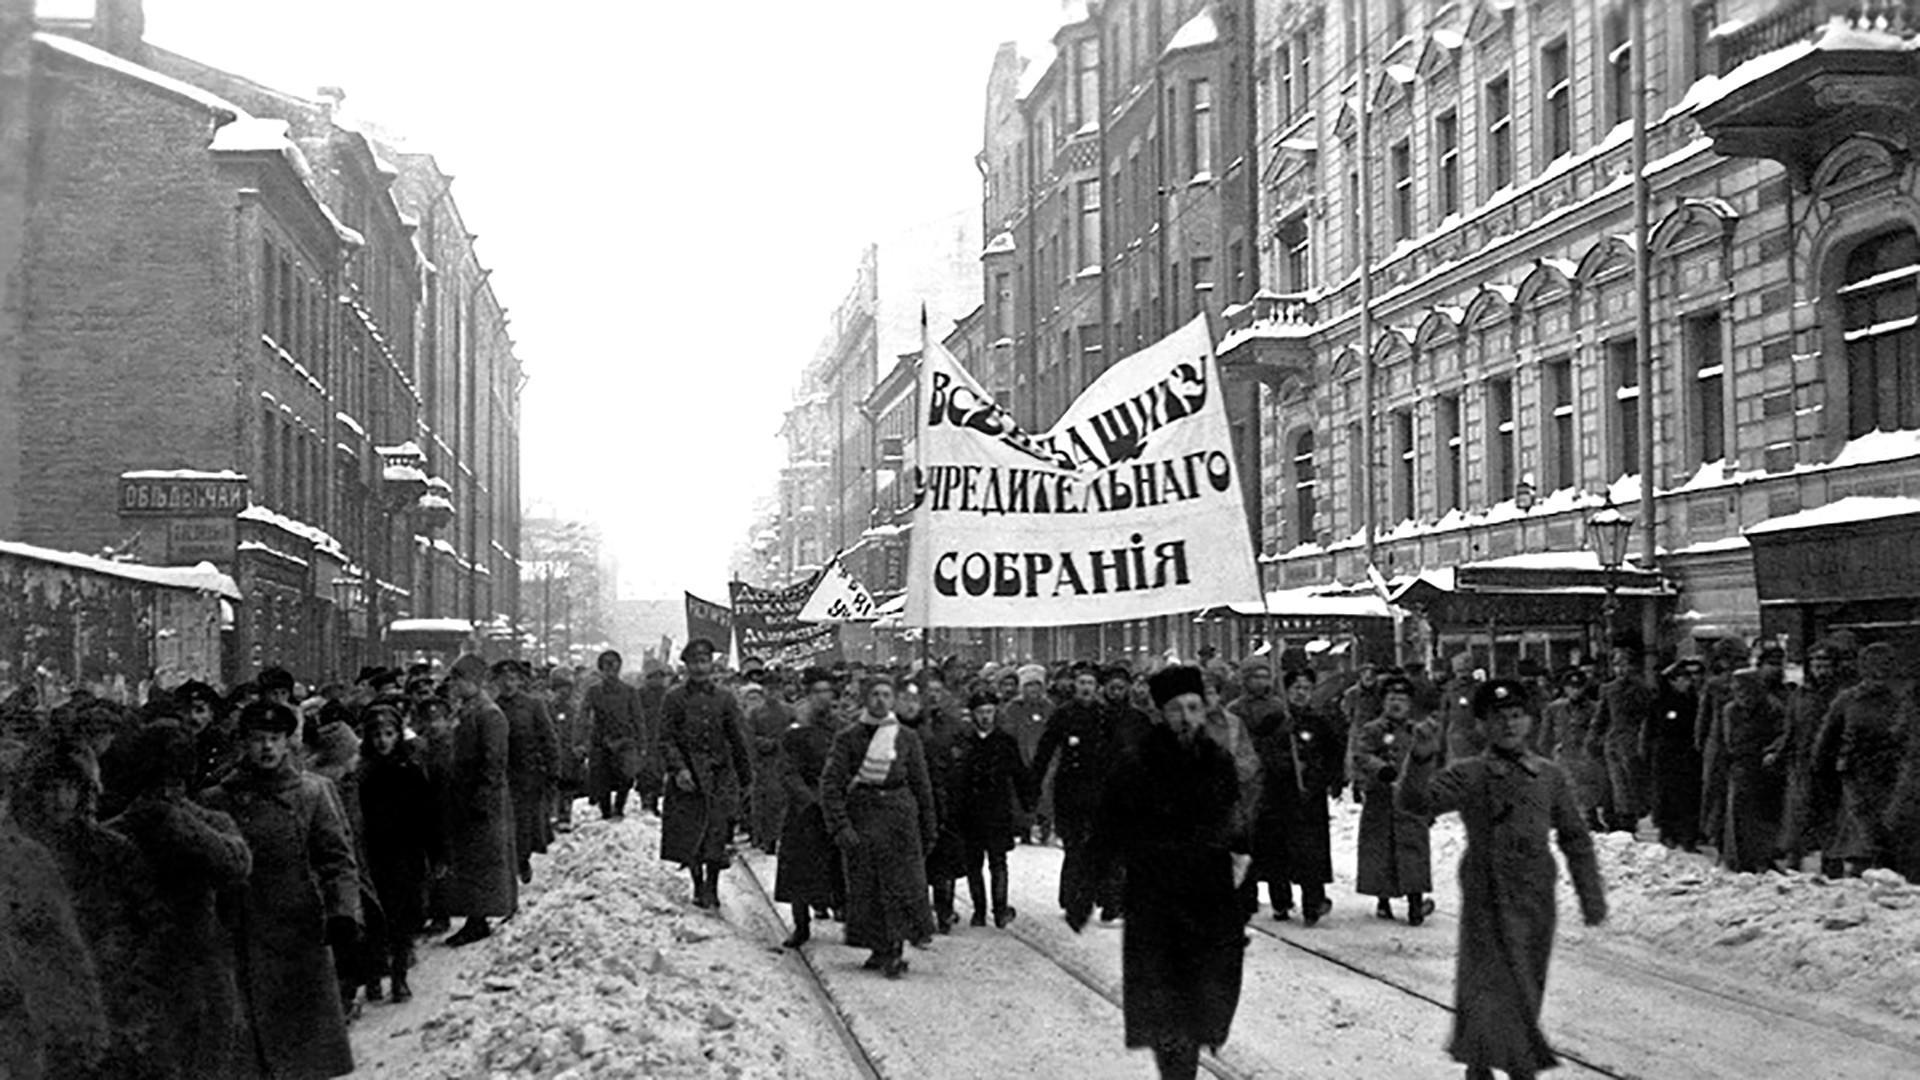 Manifestação em apoio a Assembleia foi dispersada por bolcheviques